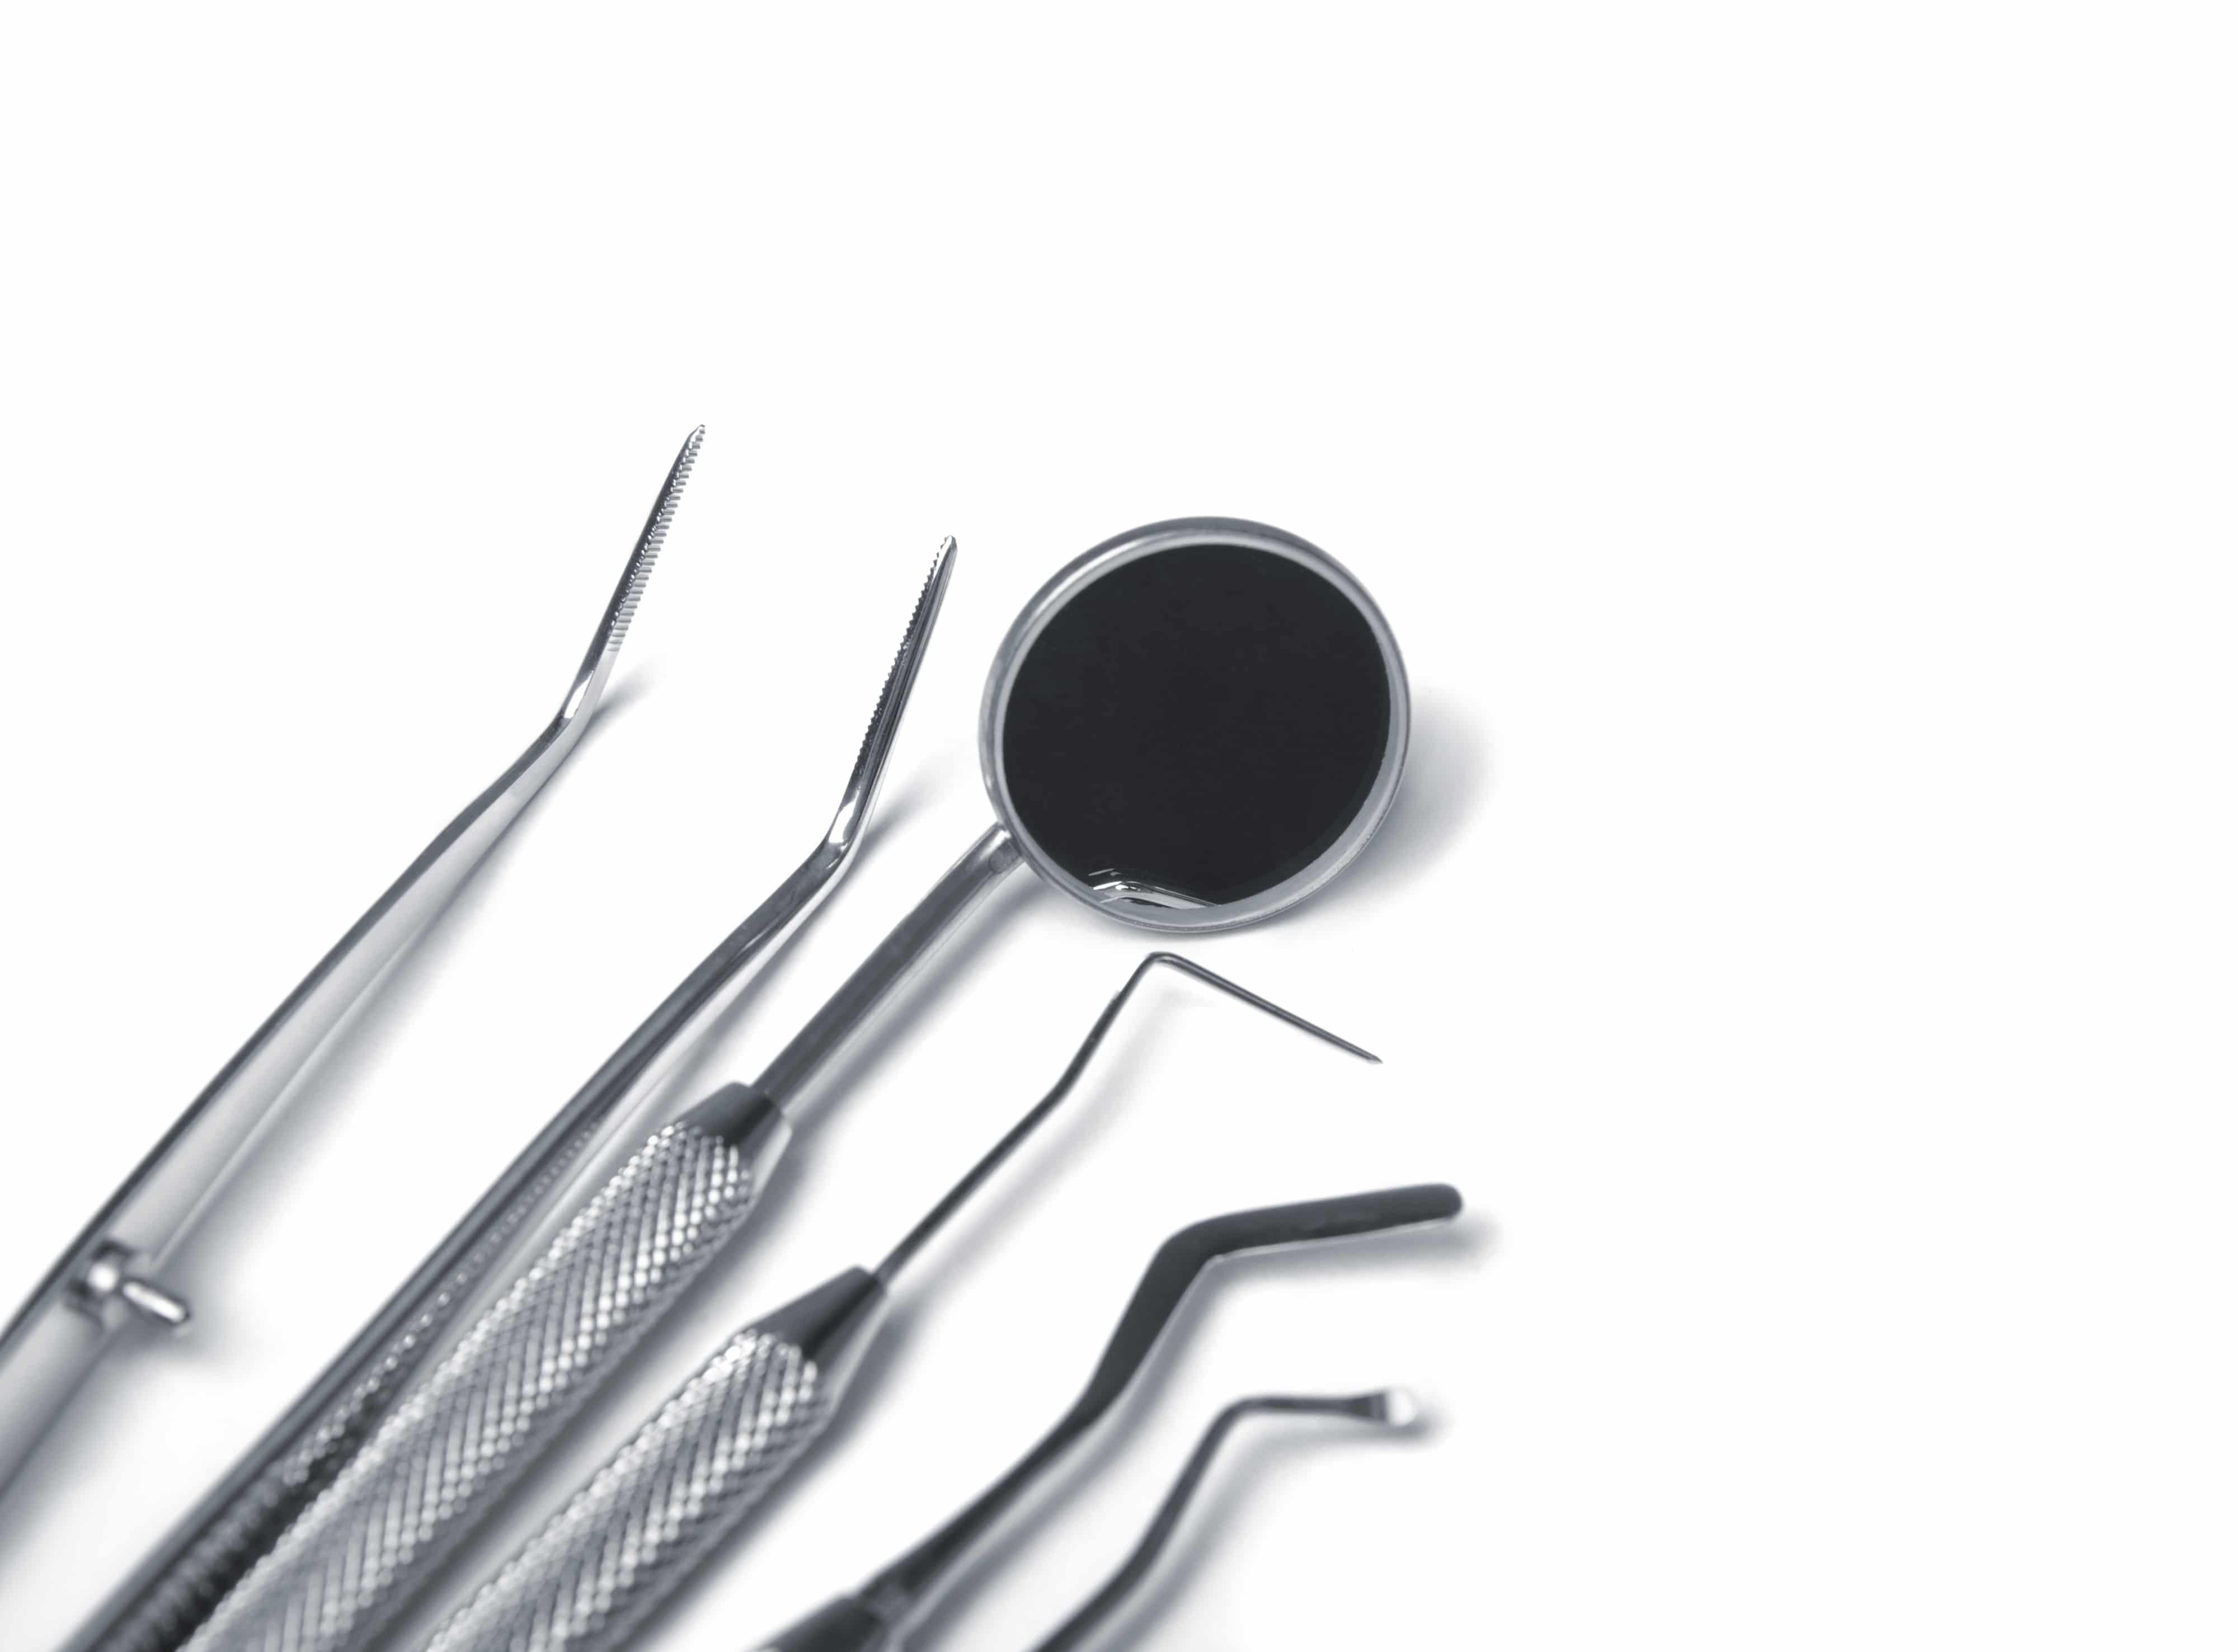 Las Herramientas del dentista, perdiendo el miedo